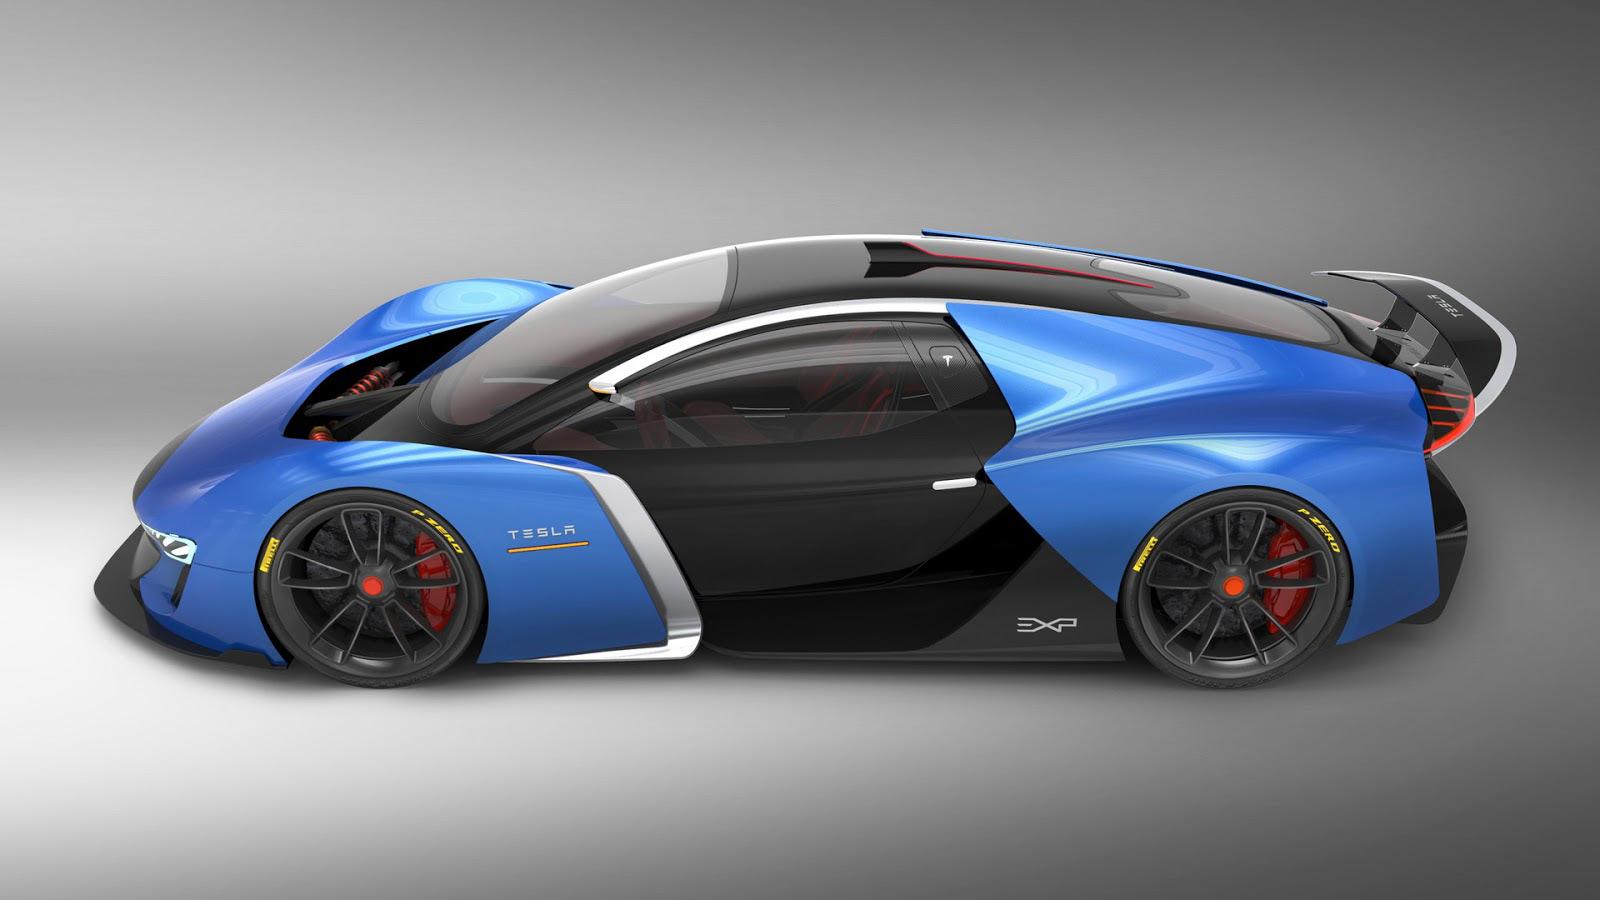 Tesla Model EXP concept hypercar